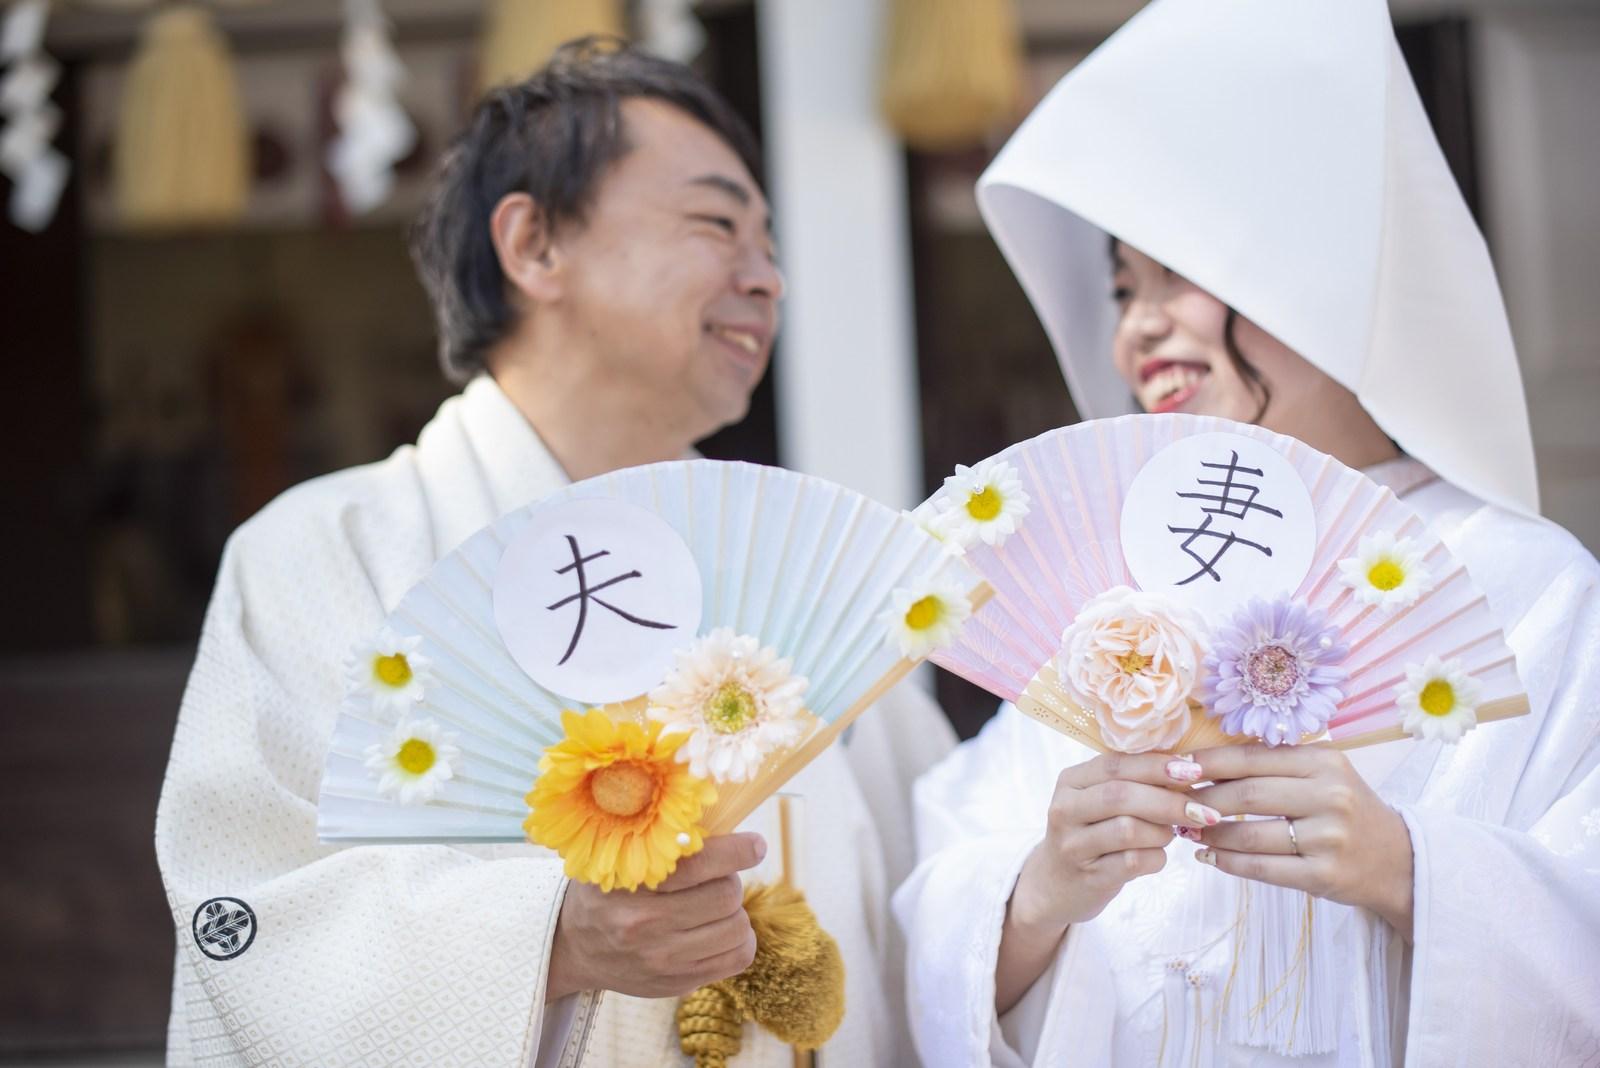 徳島市の結婚式場ブランアンジュで披露宴を行う前に挙式をした忌部神社で微笑み合う新郎新婦